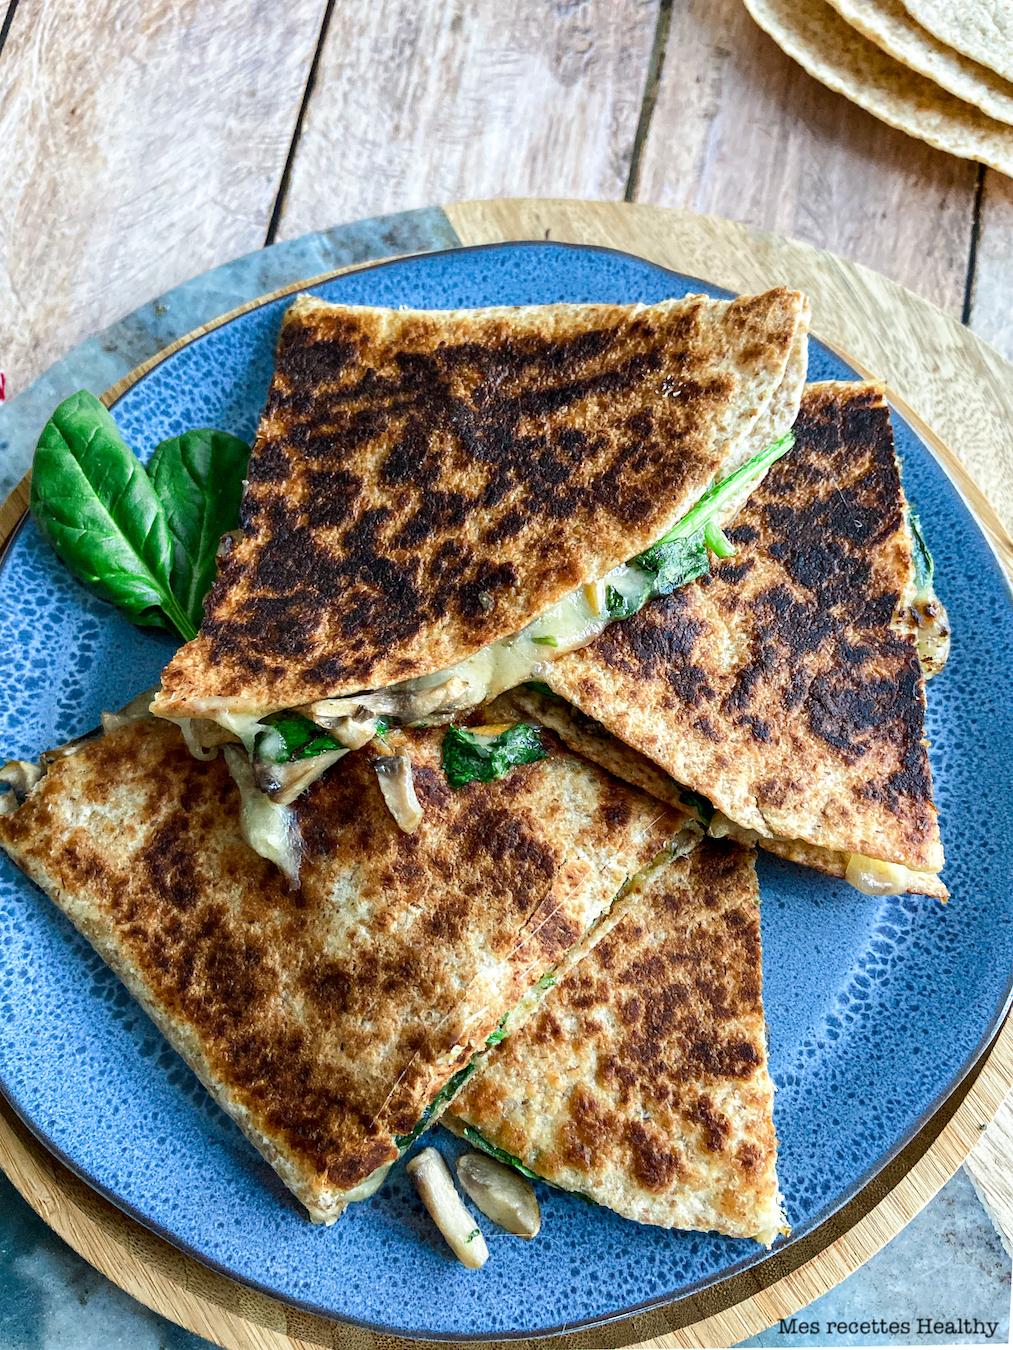 recette healthy-quesadillas-fromage-epinard